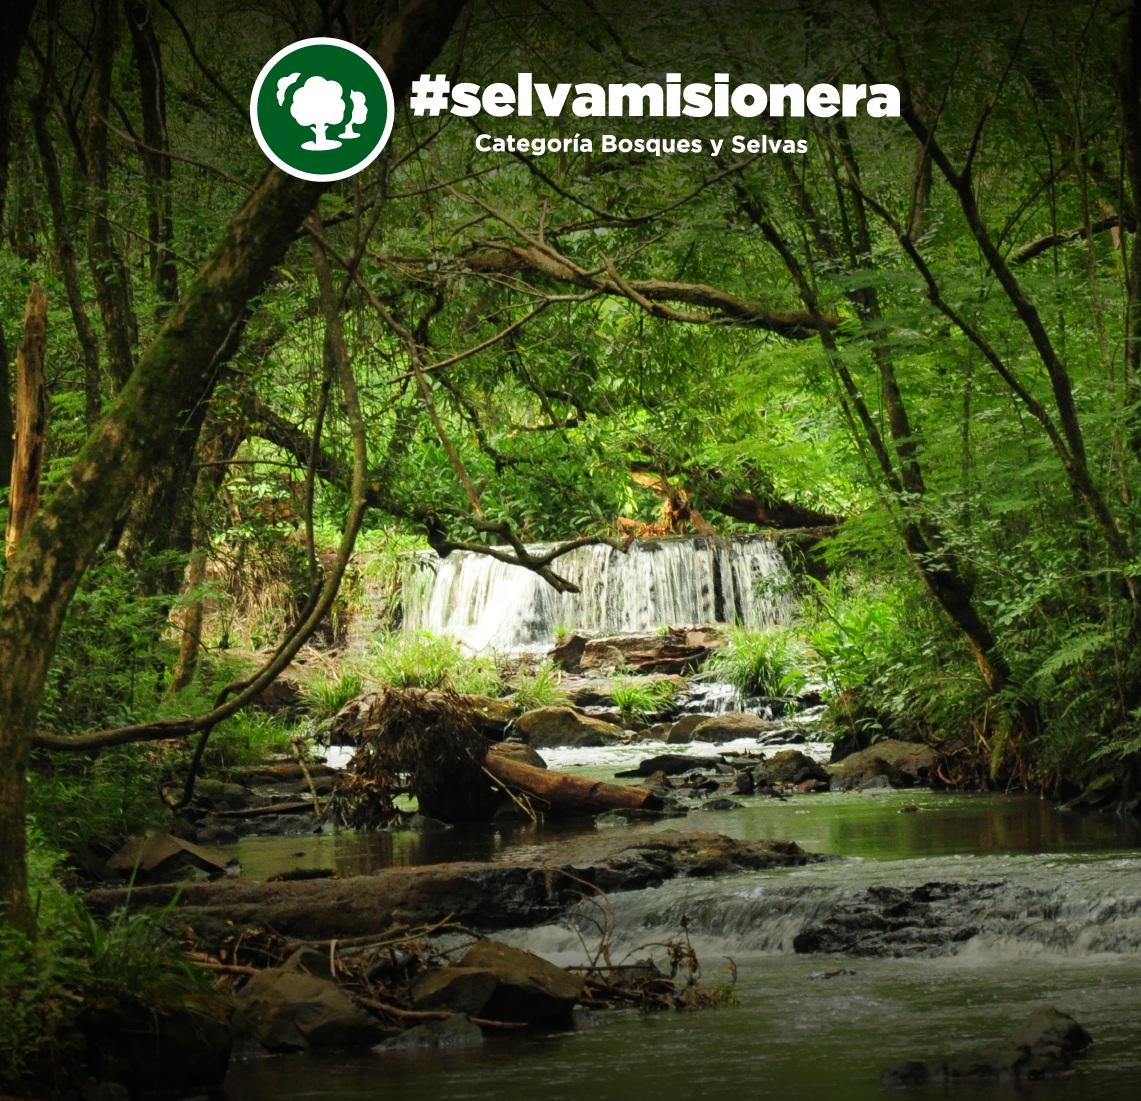 Llaman a votar por la Selva Misionera como una de las 7 Maravillas Naturales del País